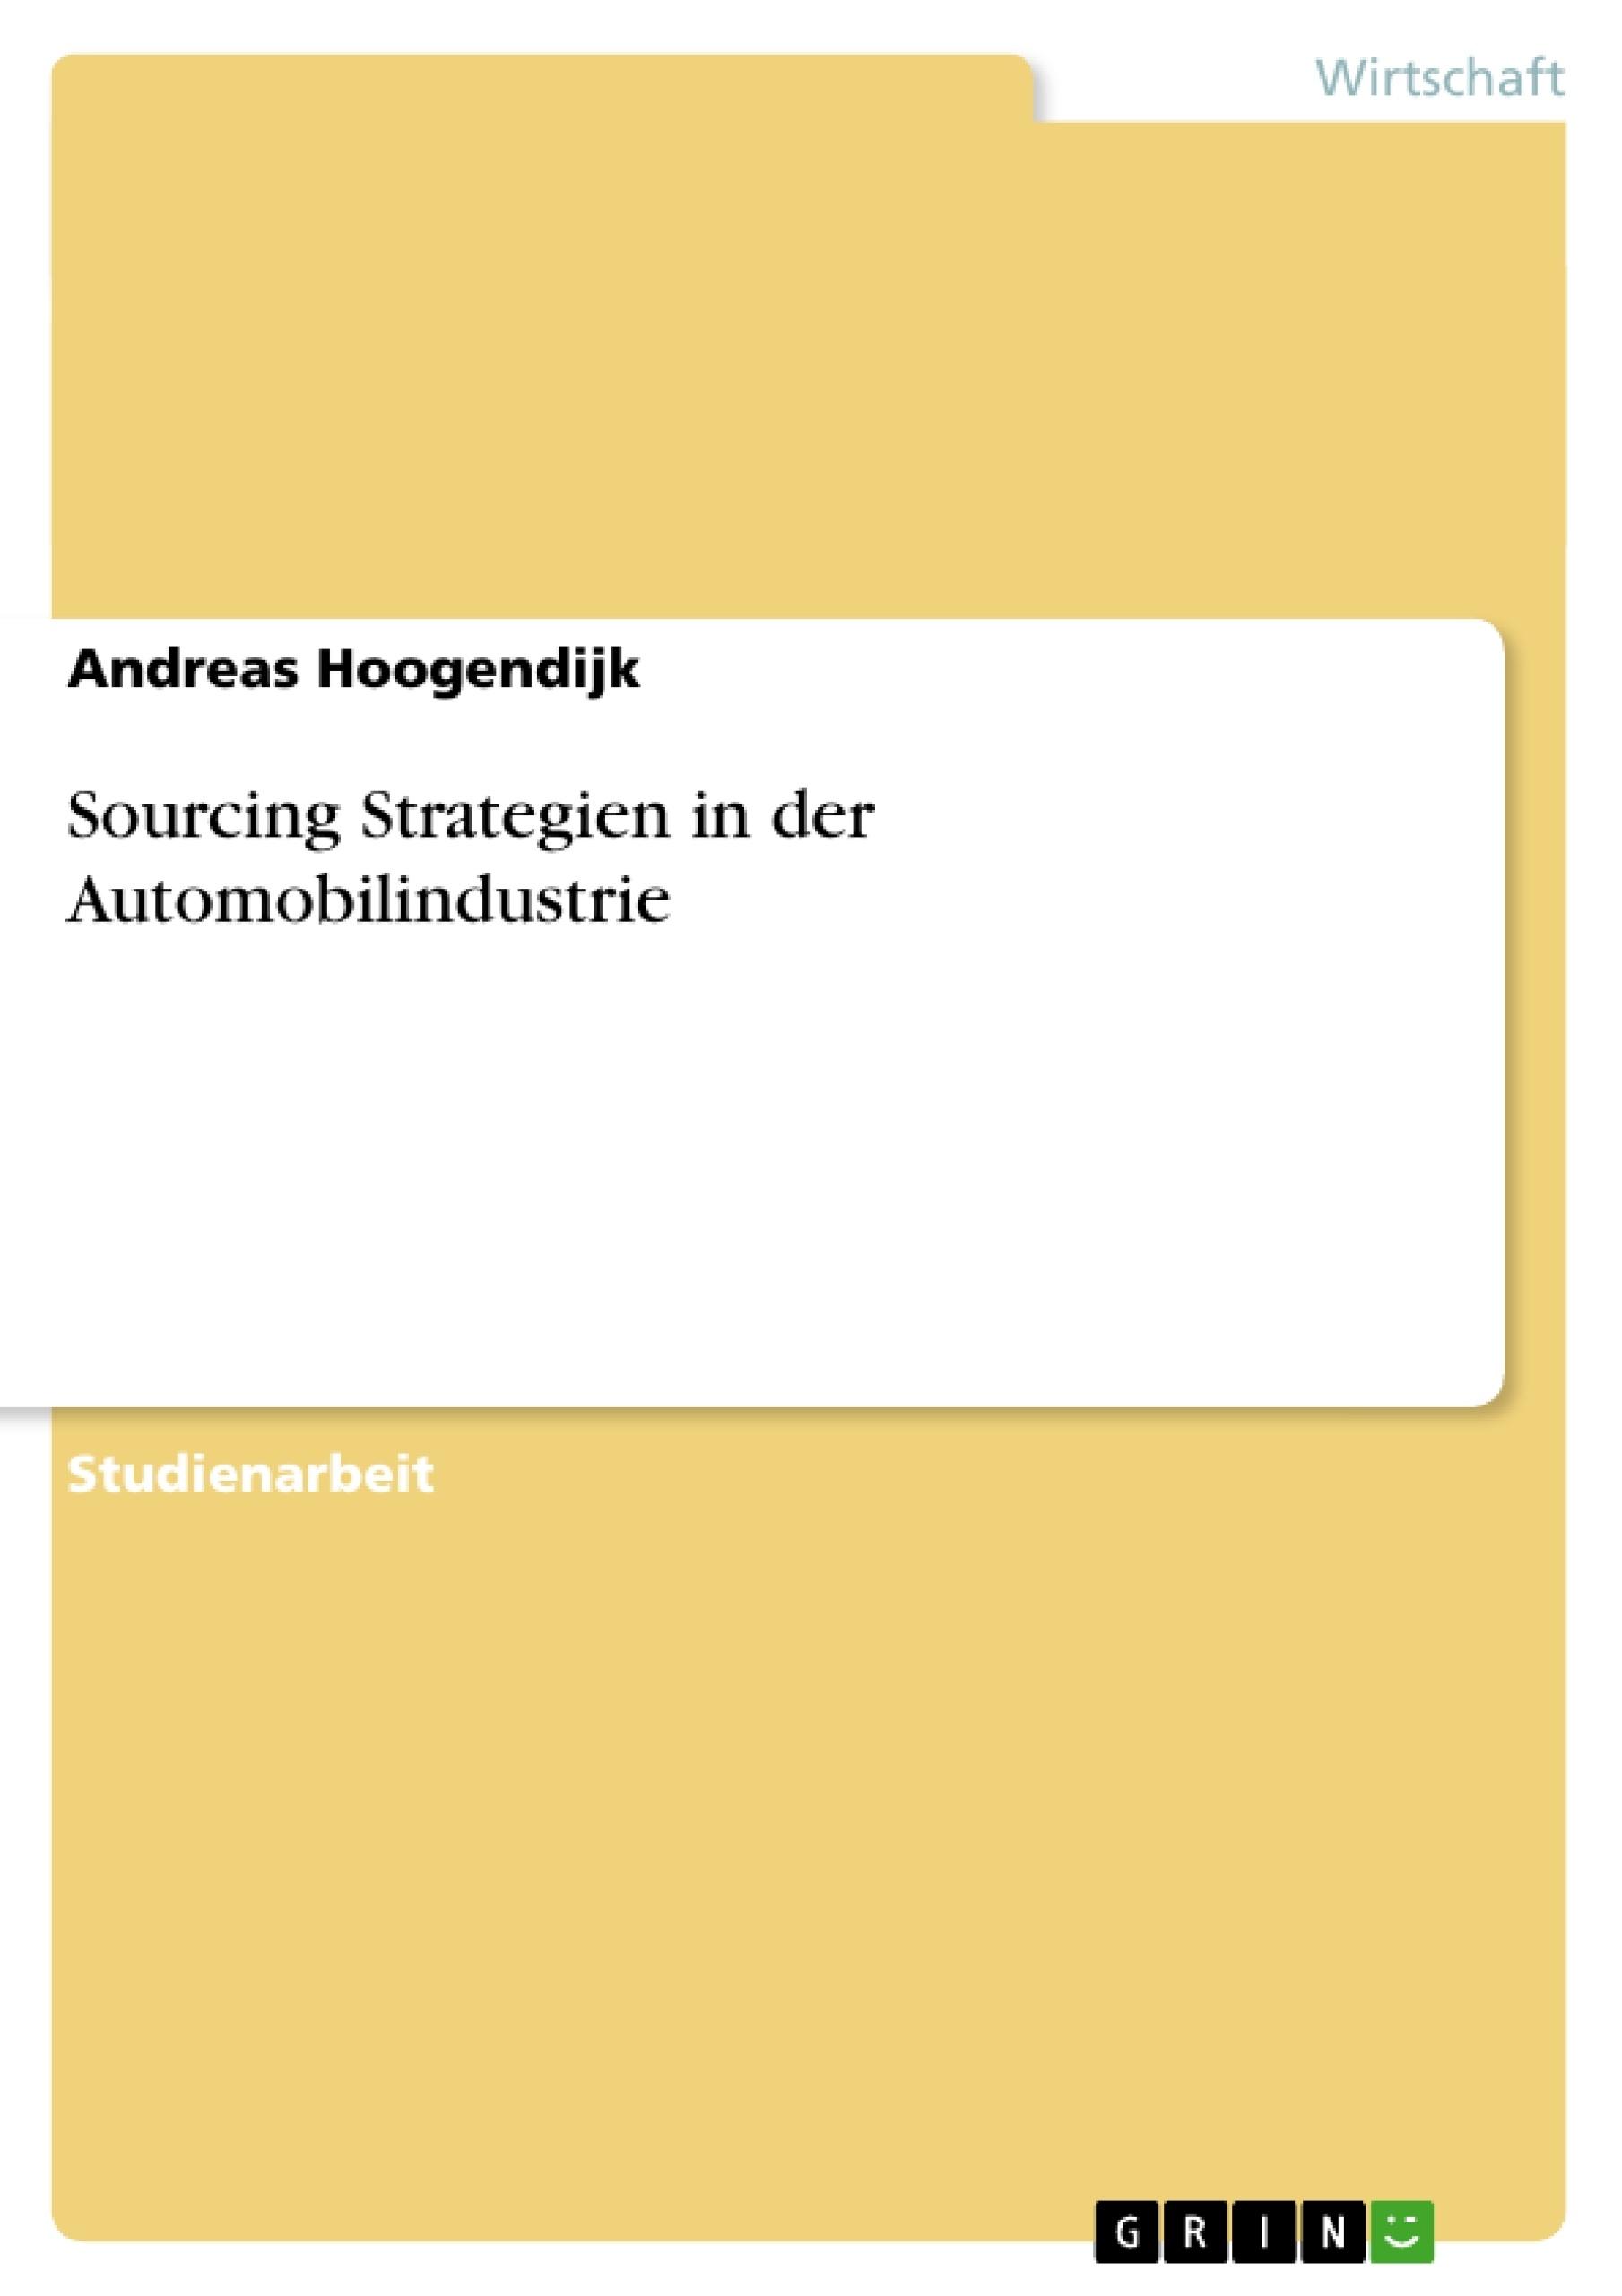 Titel: Sourcing Strategien in der Automobilindustrie